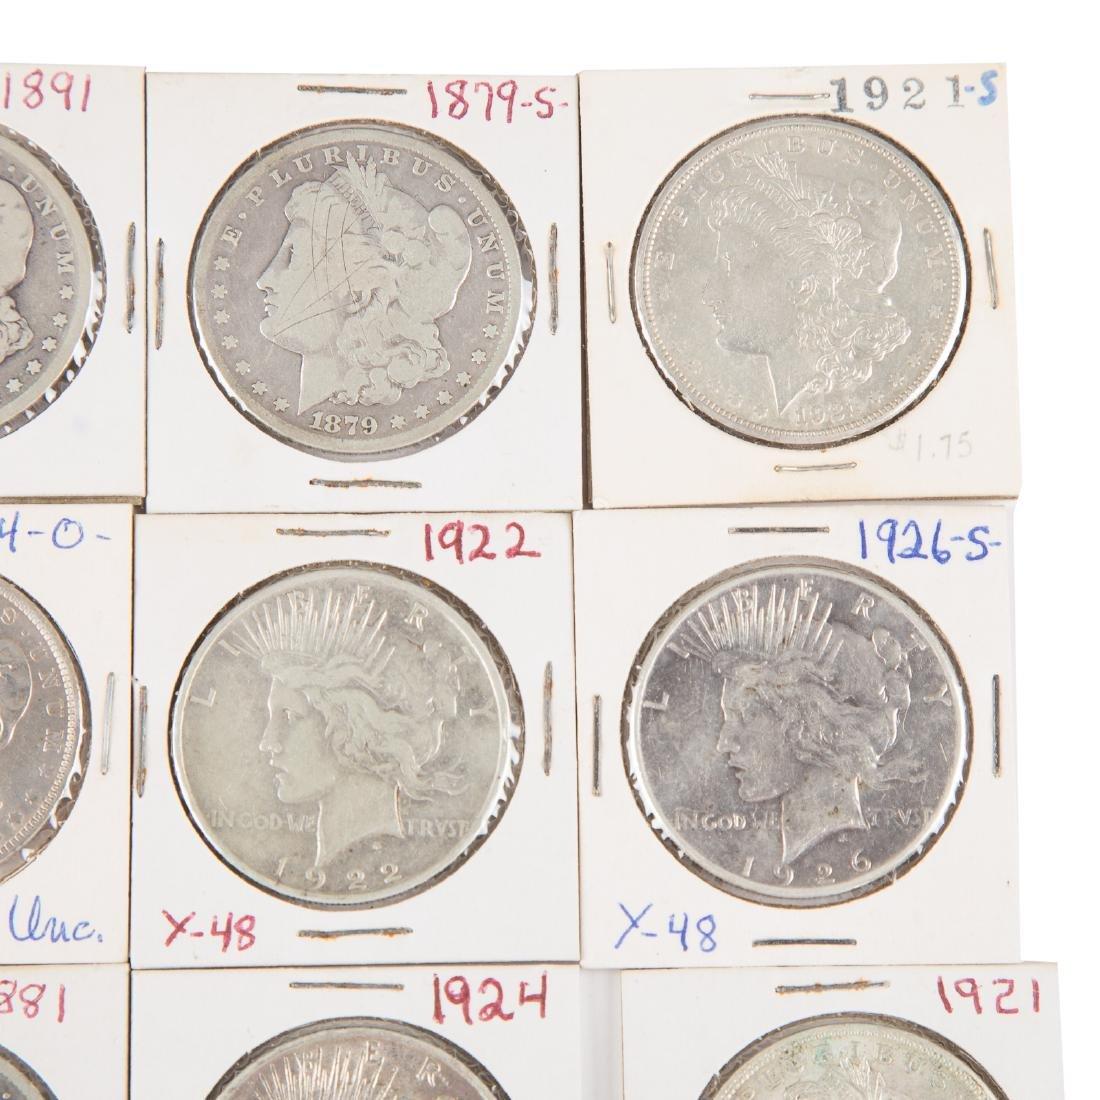 [US] 33 Morgan and Peace Silver Dollars - 4